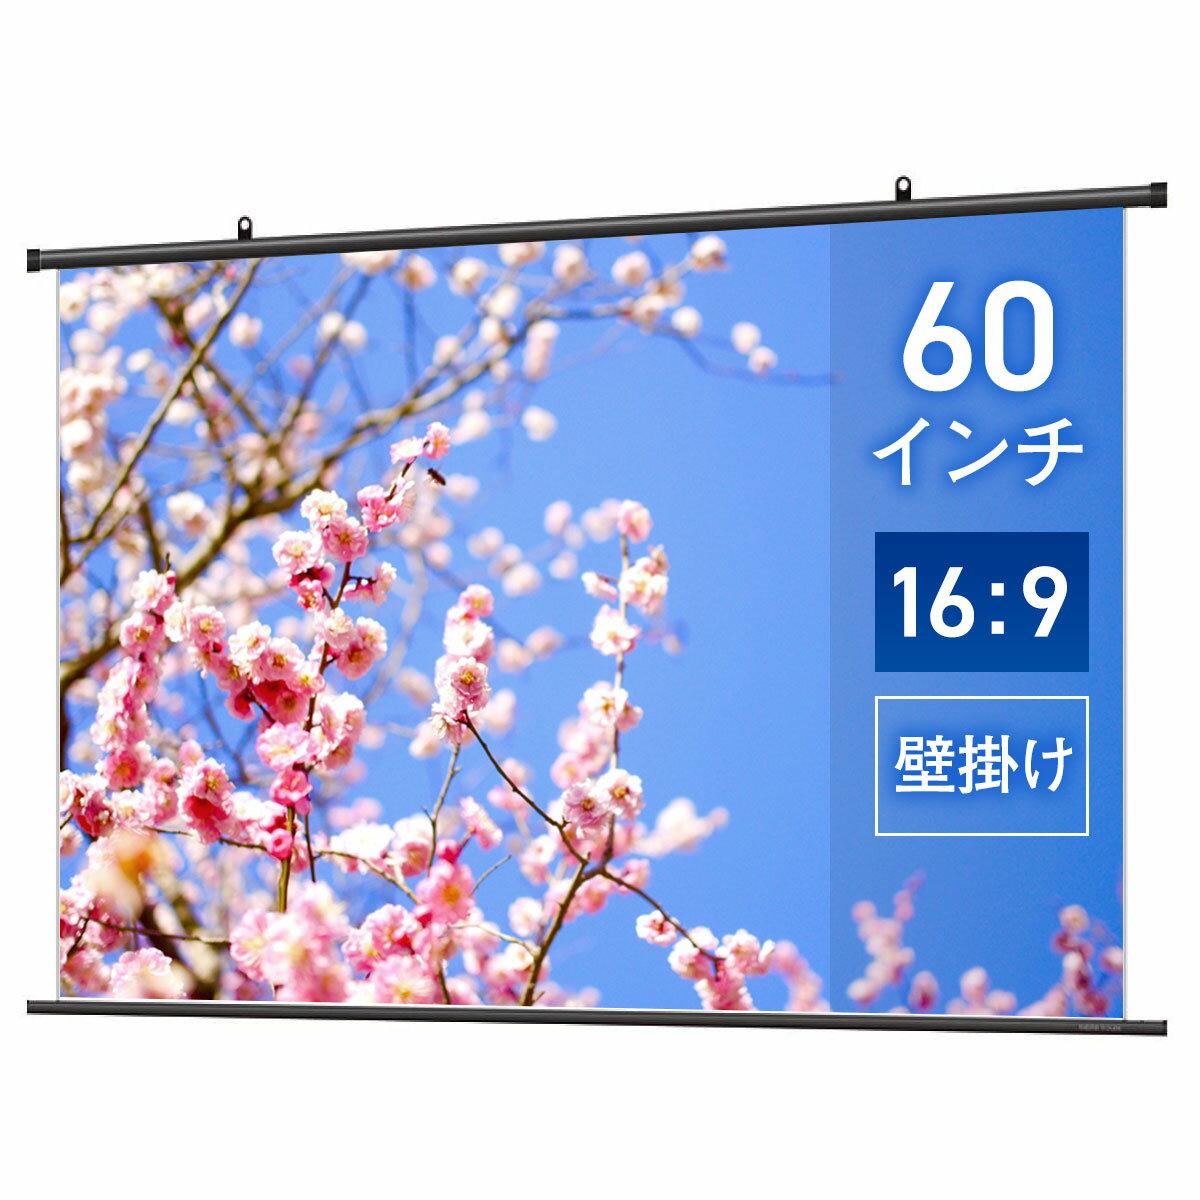 プロジェクタースクリーン 【業界初!!10年保証/】 タペストリー(掛け軸)スクリーン 60インチ(16:9) シアターハウス スタンダードマット BTP1330WSD